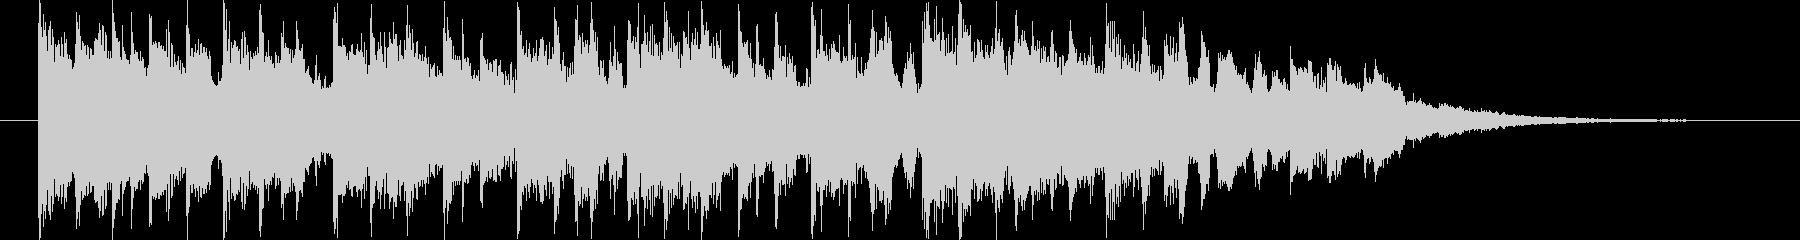 近未来的なBGM(15ver)の未再生の波形